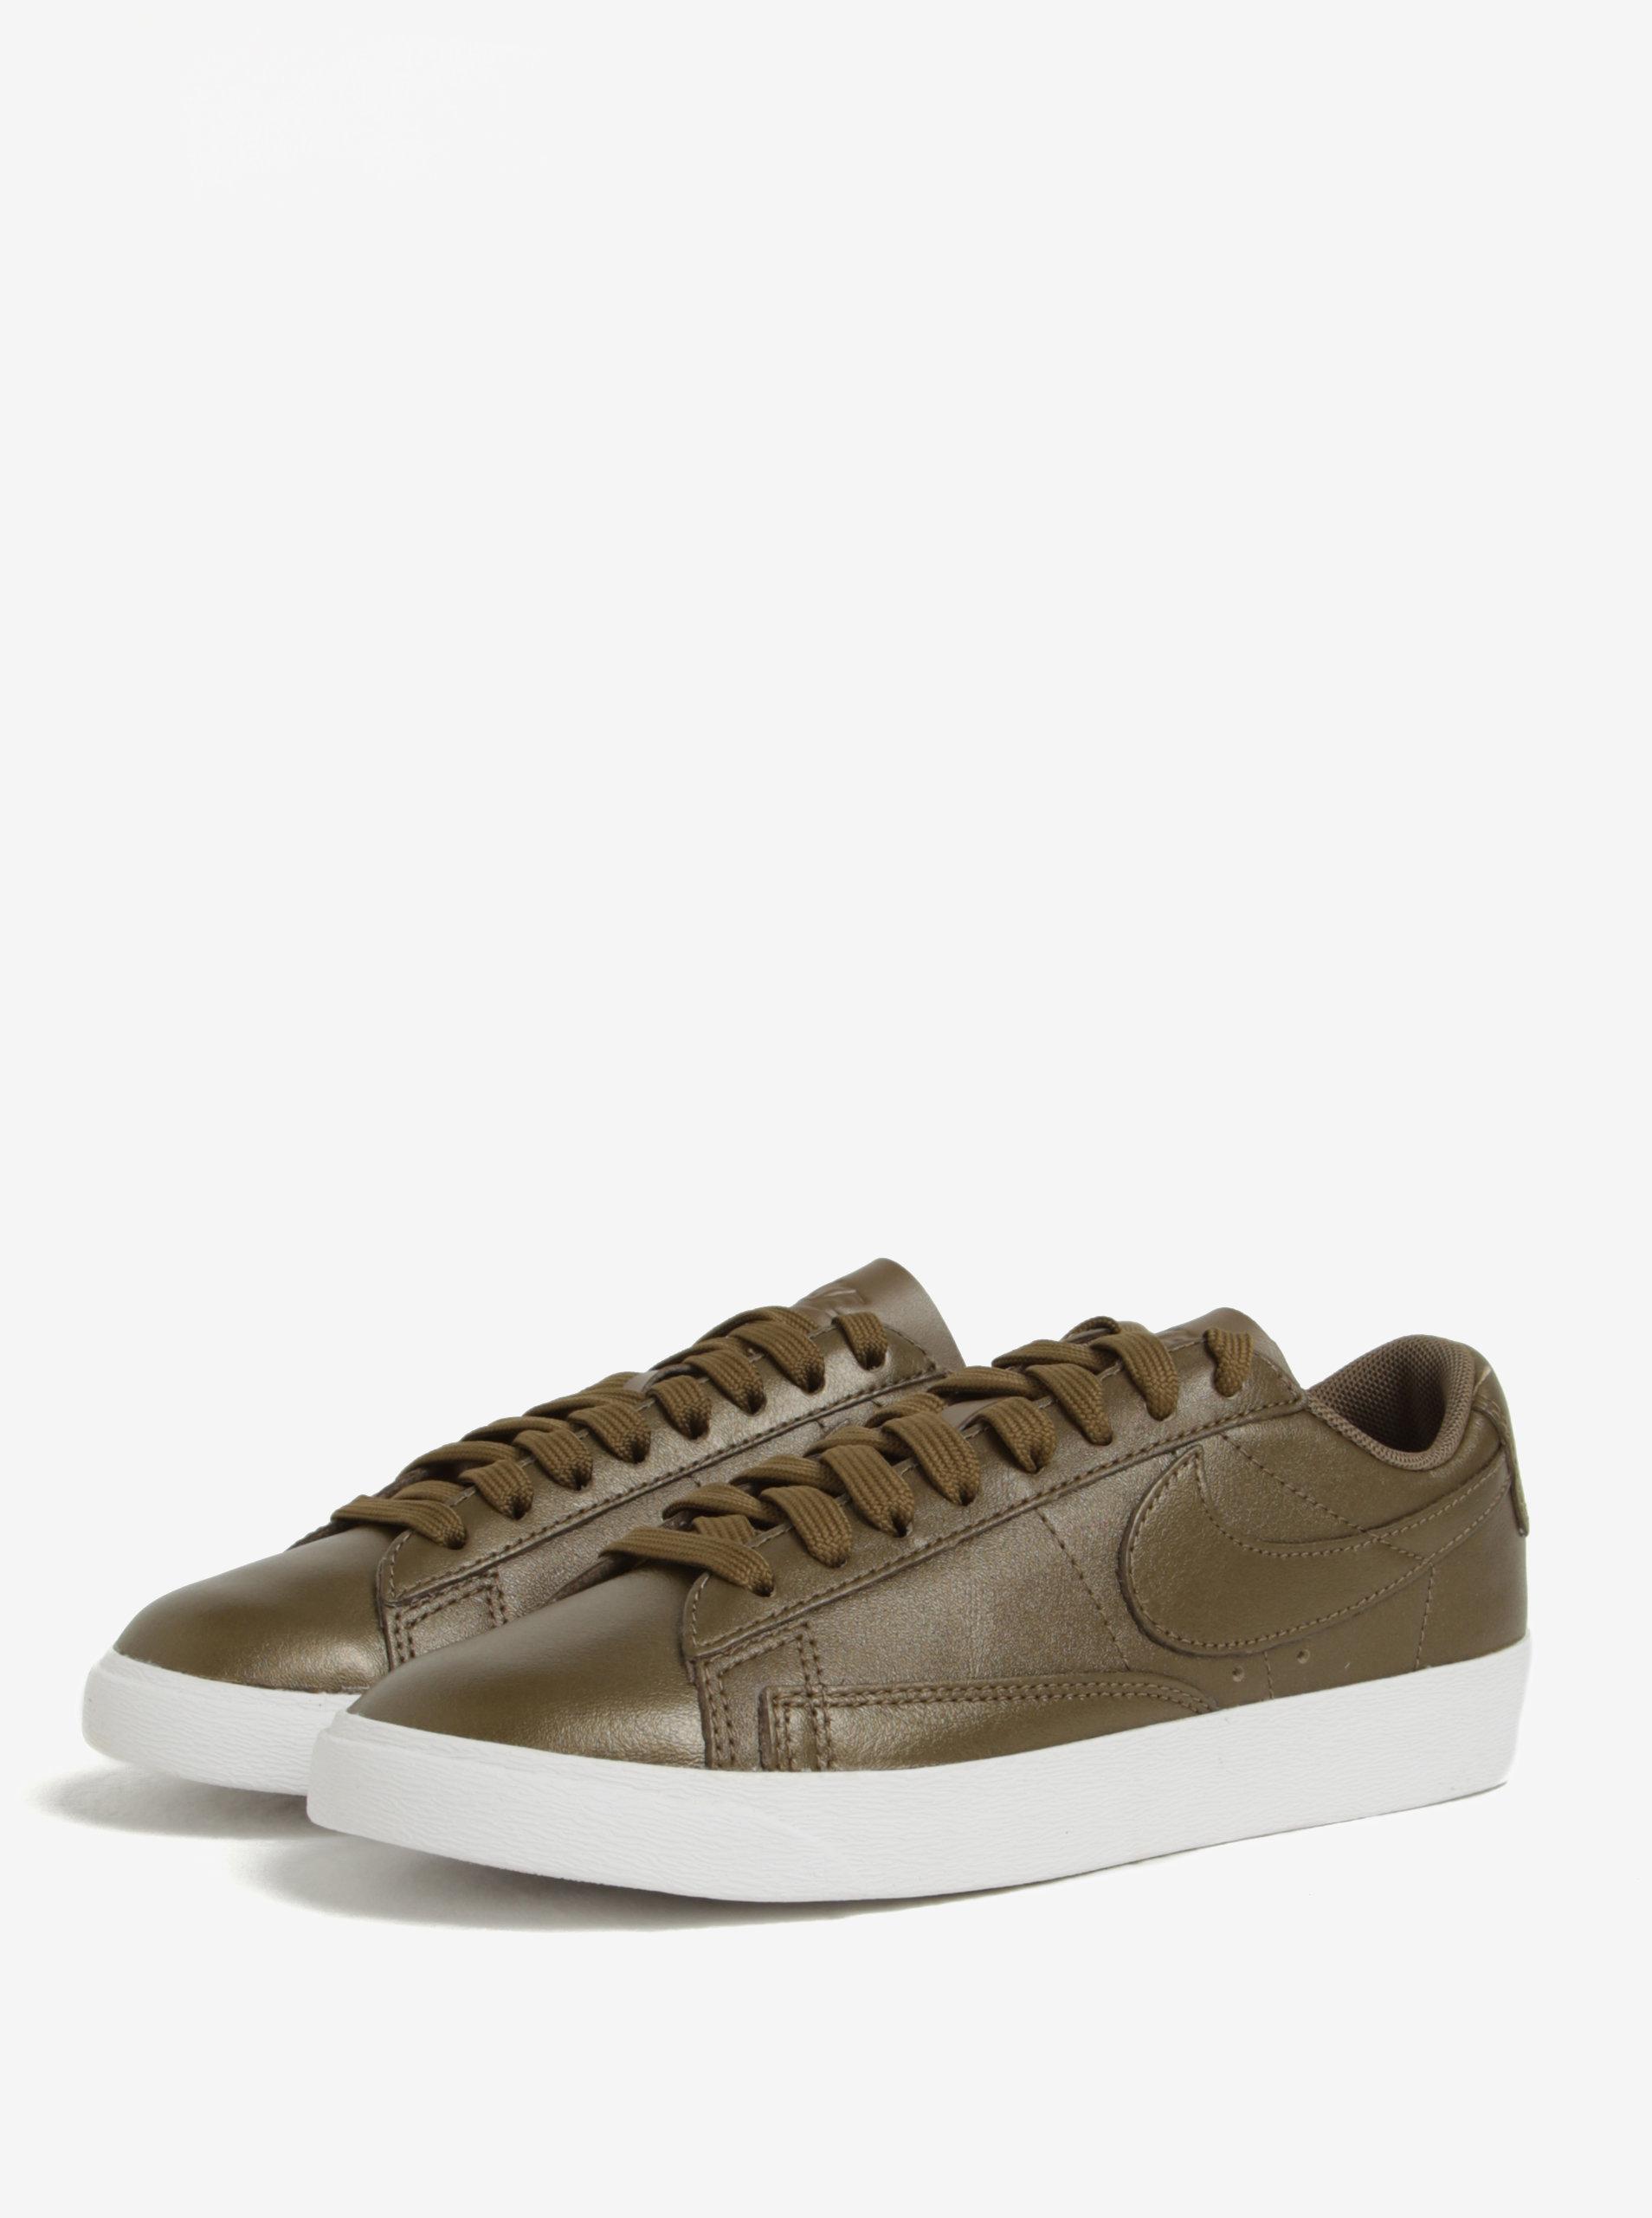 Kaki dámske kožené tenisky Nike Blazer Low ... c75fc83dfd